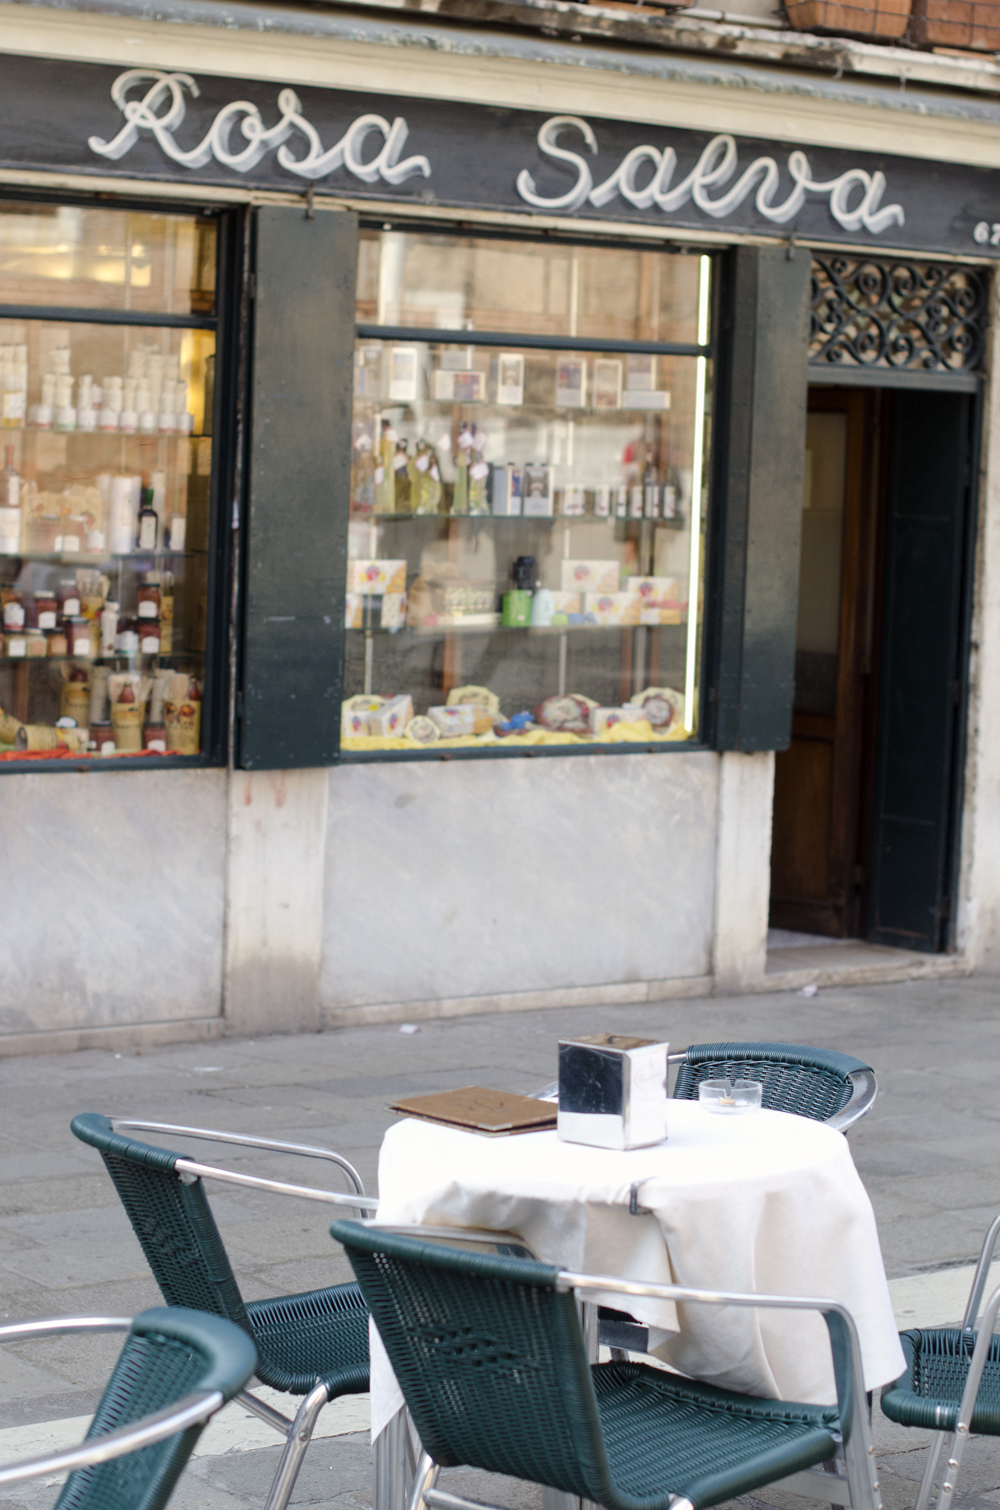 rosa salva è un locale dove degustare prodotti tipici a venezia